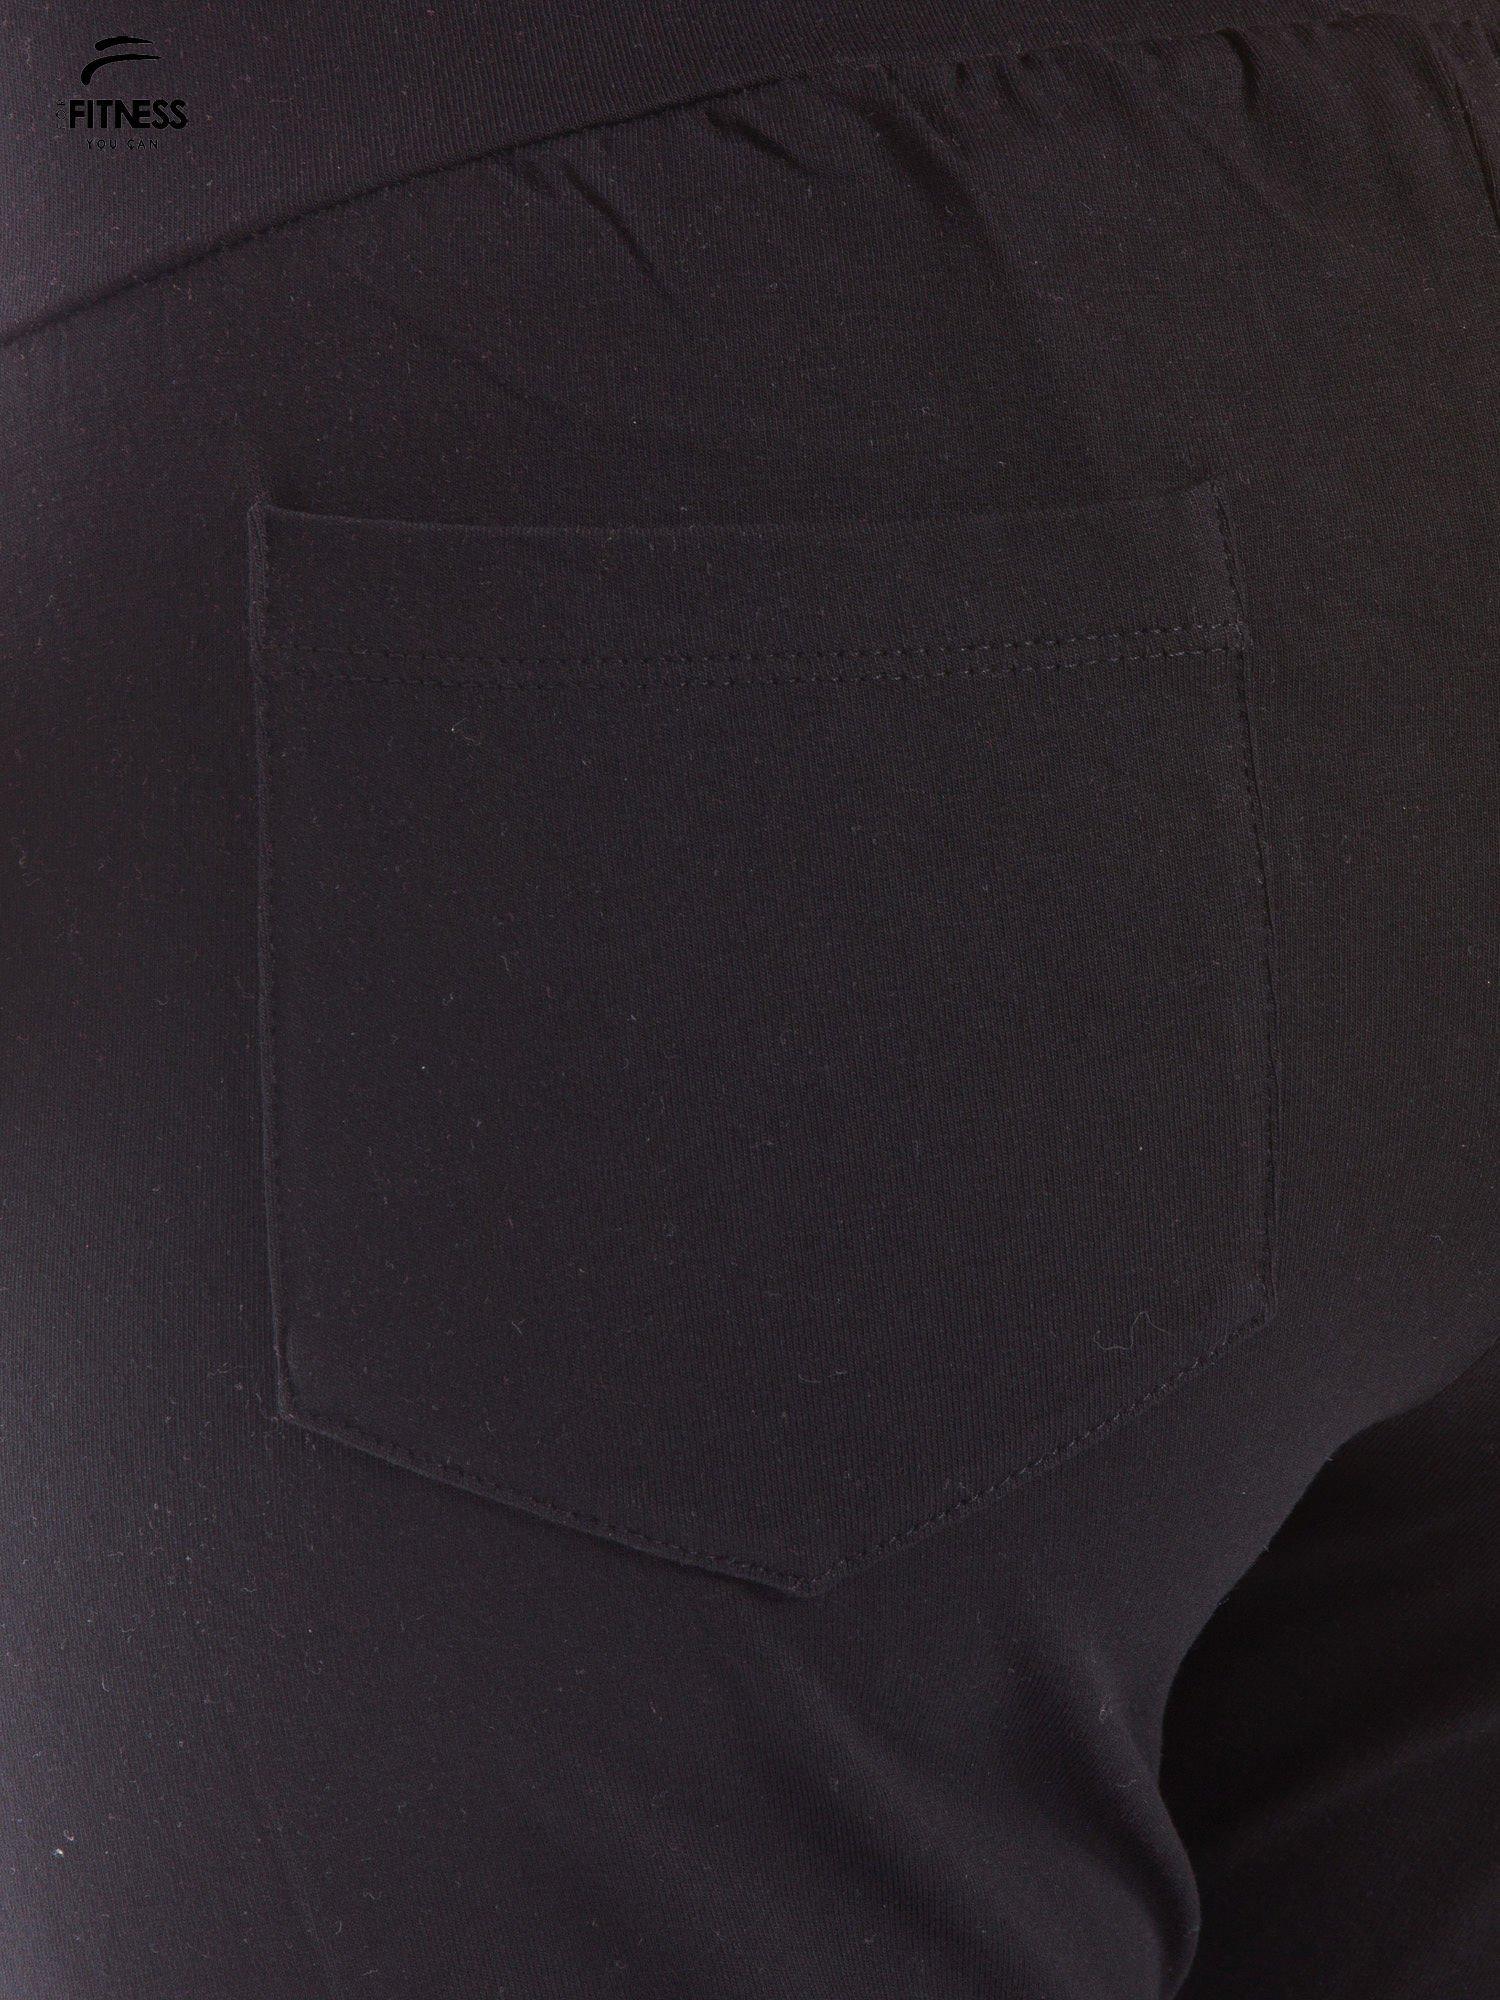 Czarne dresowe spodnie damskie ze ściągaczem i błyszczącym sznurkiem                                  zdj.                                  4